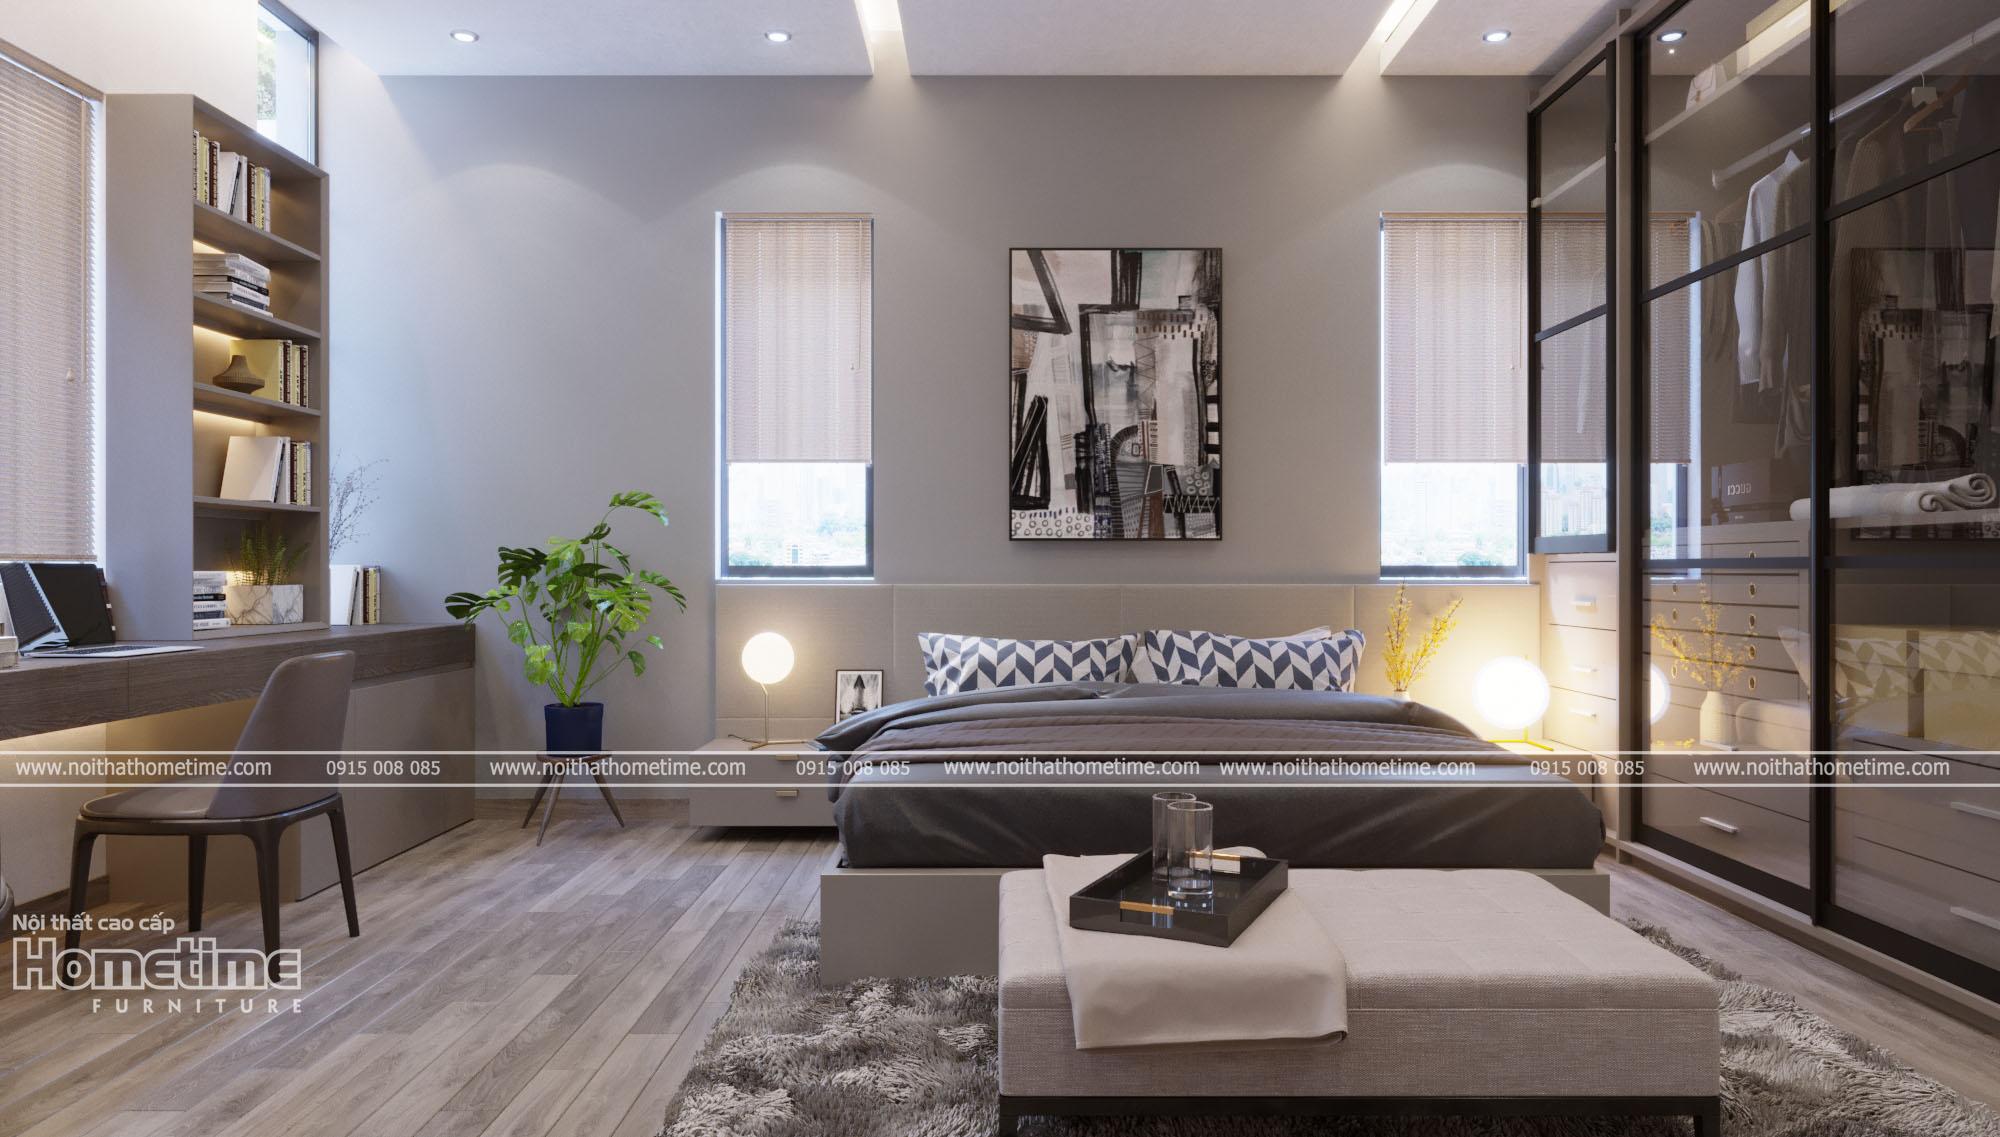 Thiết kế nội thất phòng ngủ - Giường ngủ màu ghi hiện đại